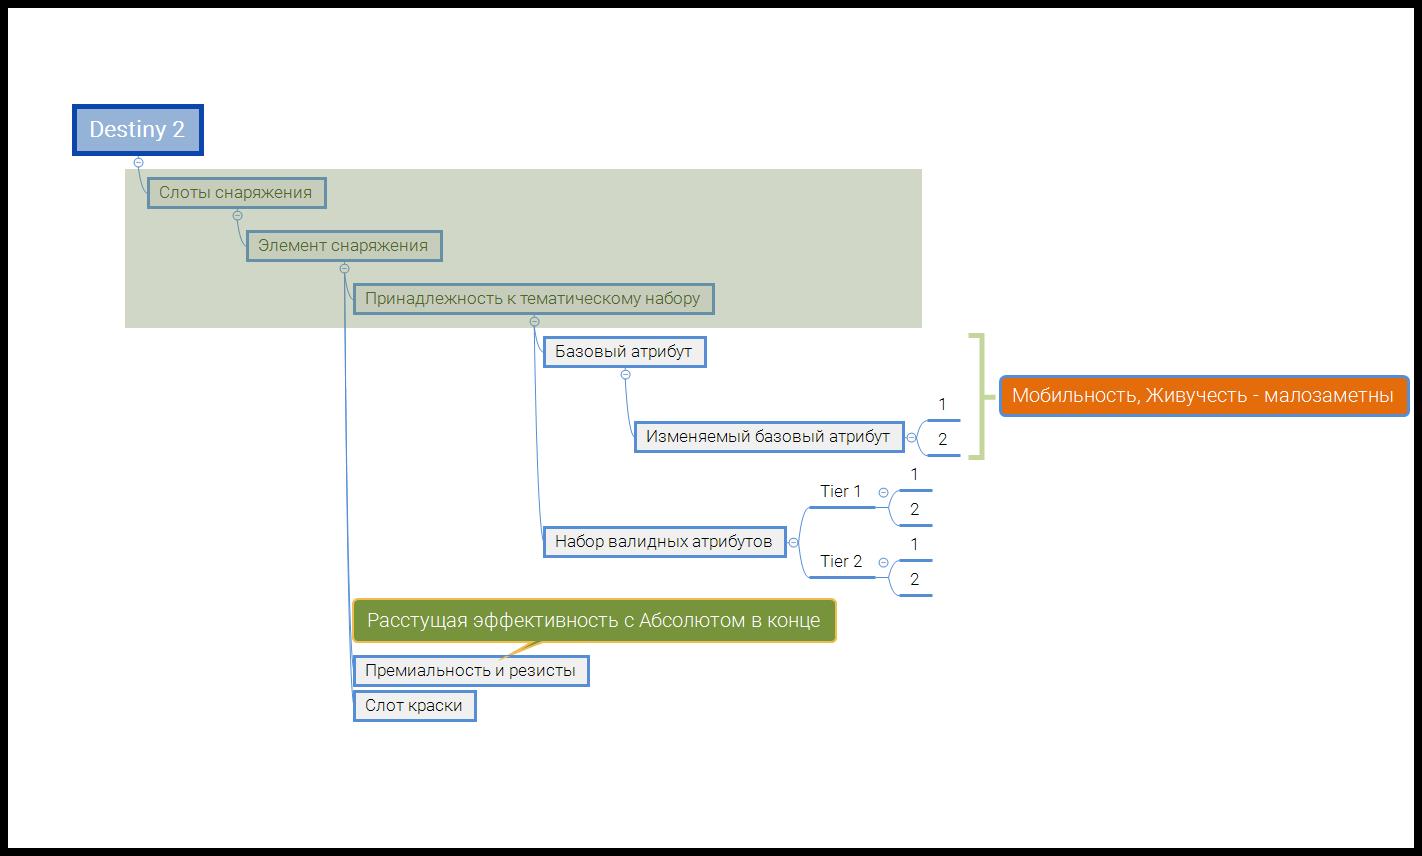 Диаграмма-свойств части экипировки Destiny 2